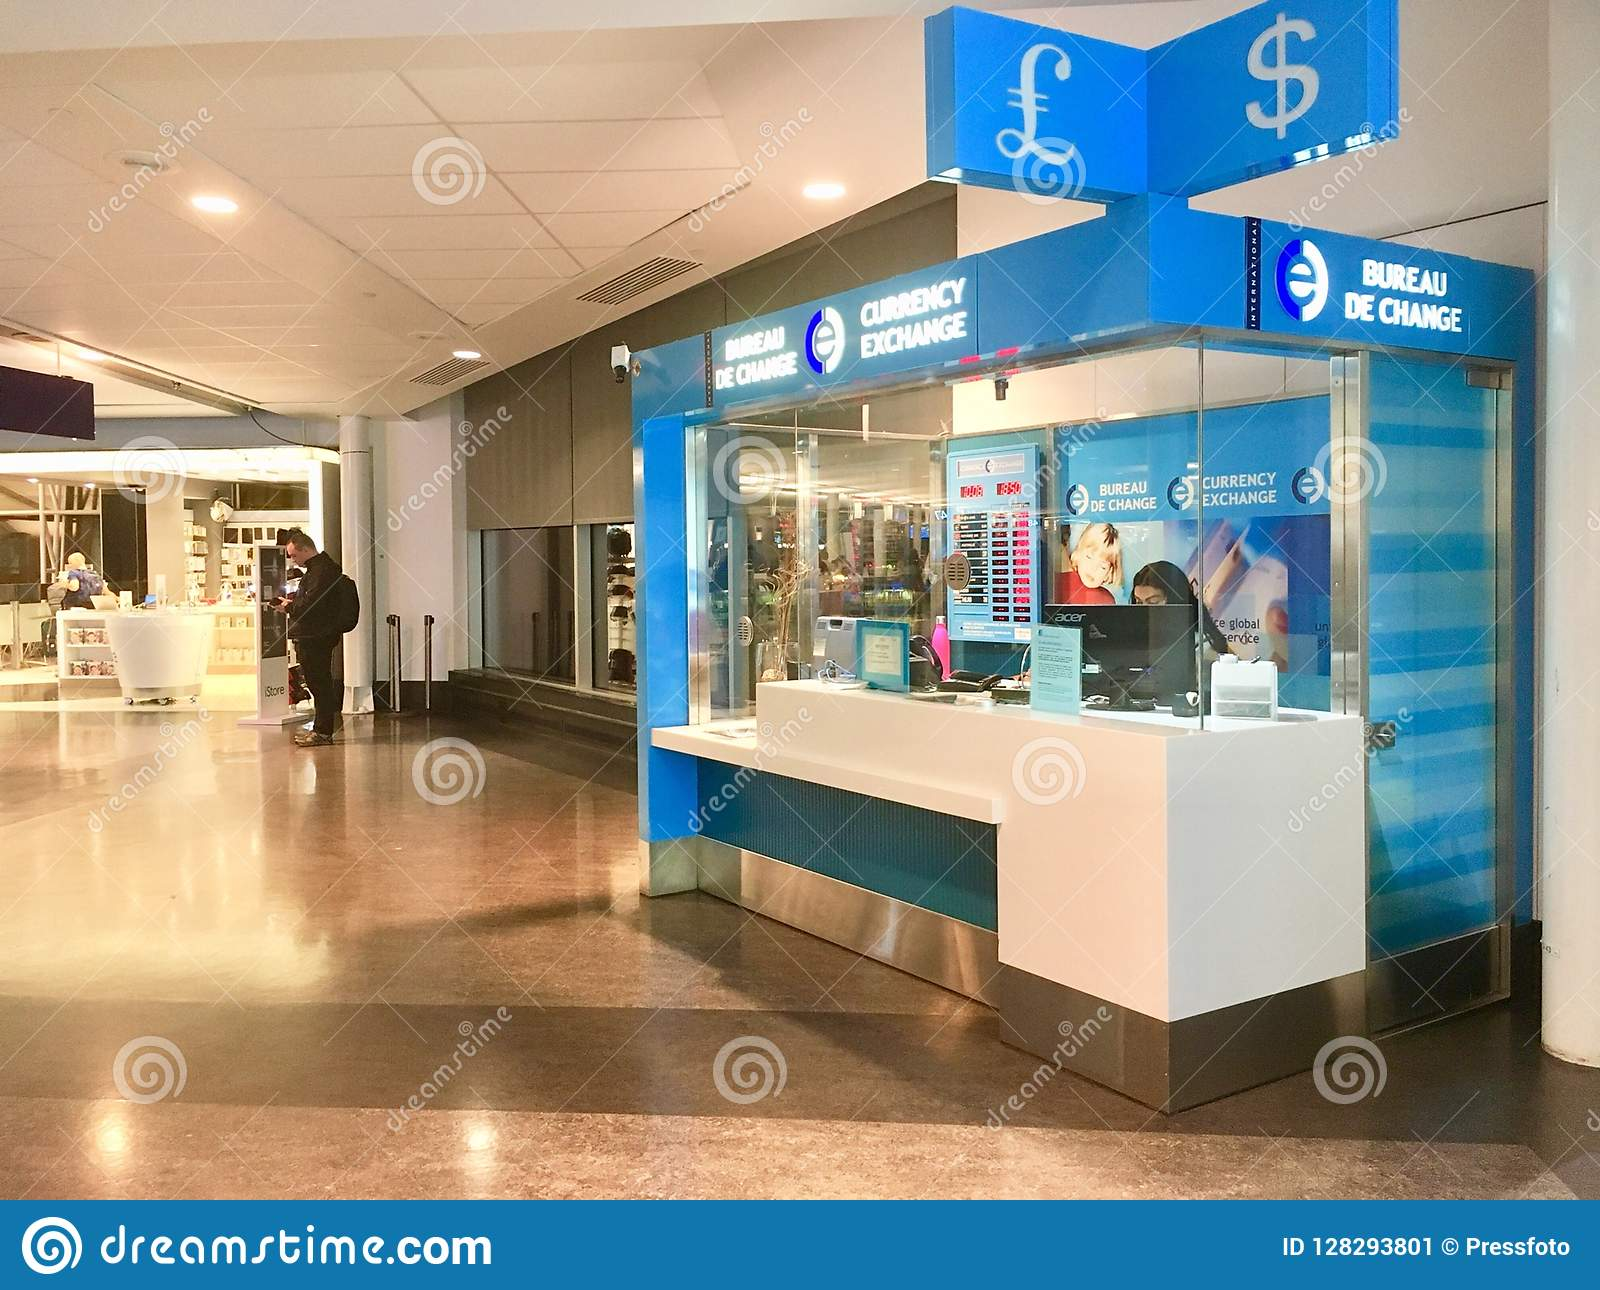 Bureaux De Change Quebec : Currency exchange office editorial photo image of debt